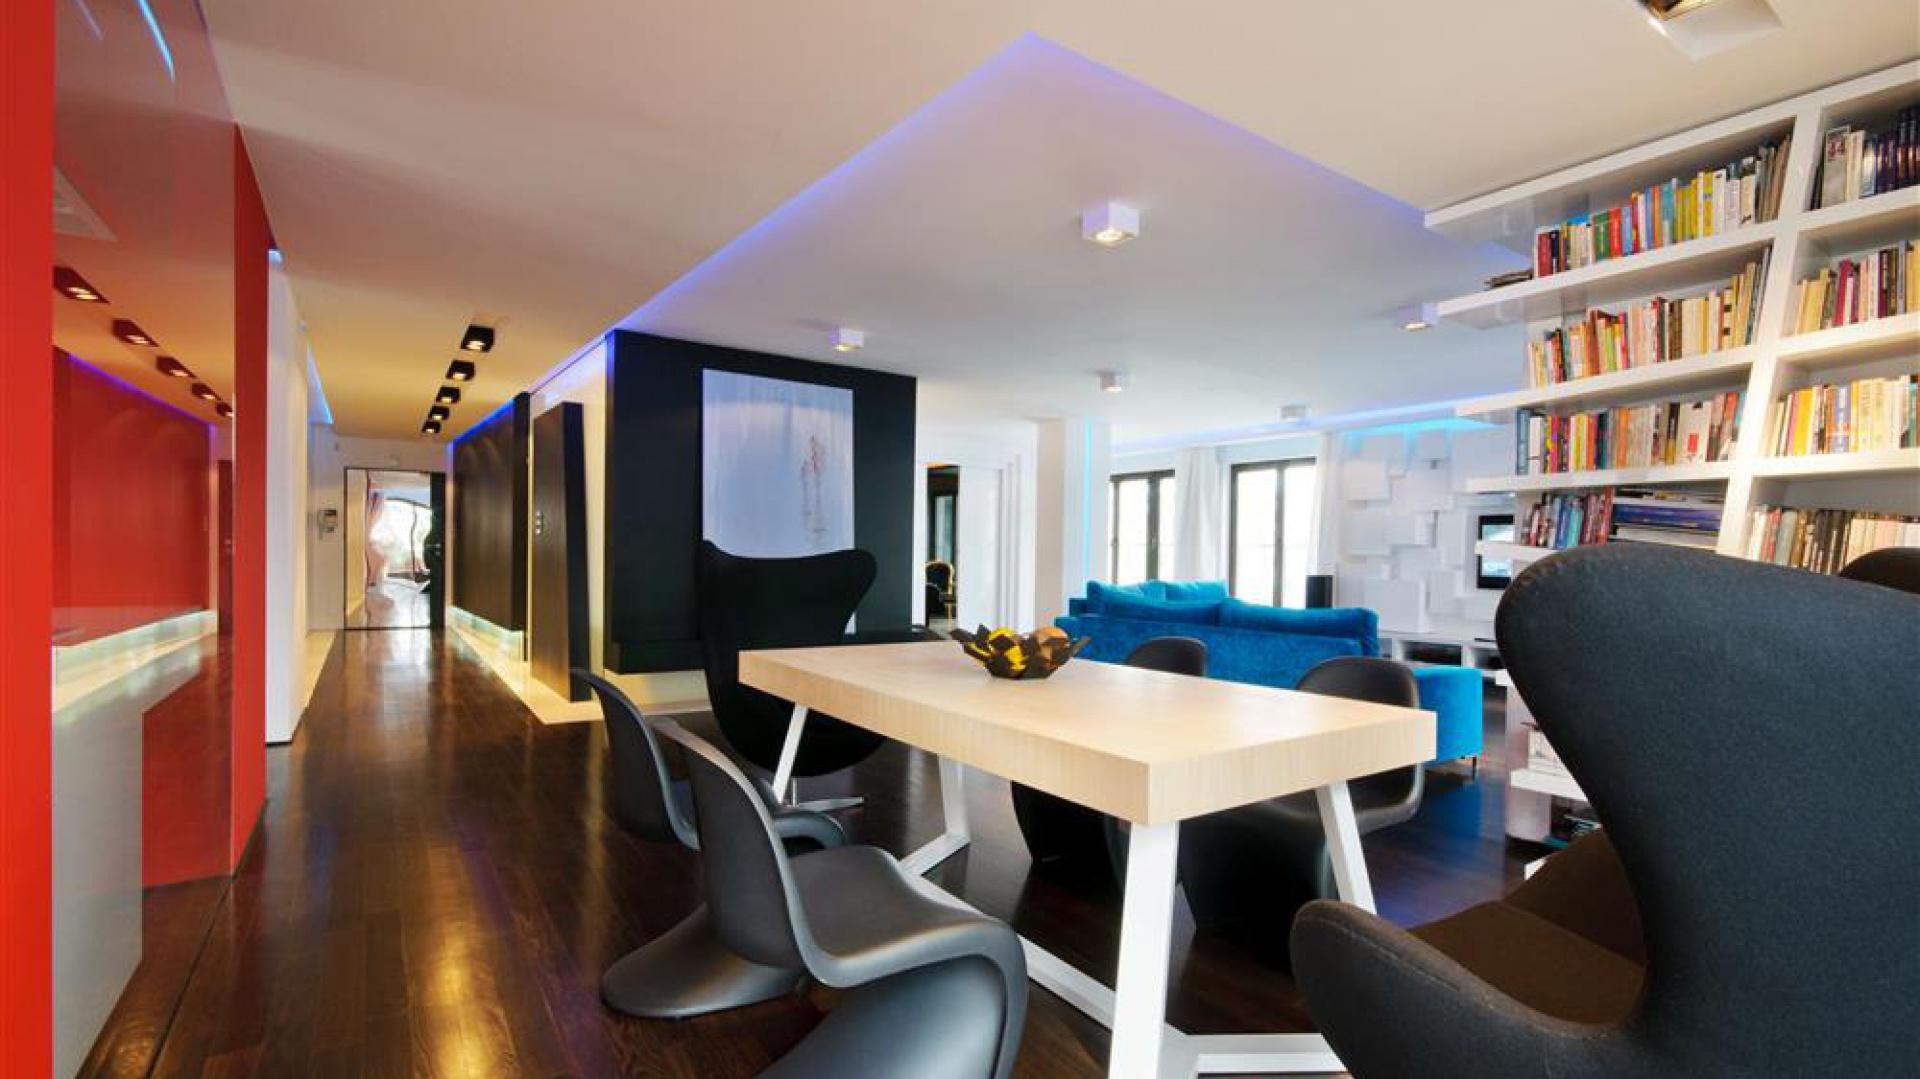 W otwartej przestrzeni dziennej stanęły klasyki designu - nieśmiertelne Pantony. Fot. Hola Design.